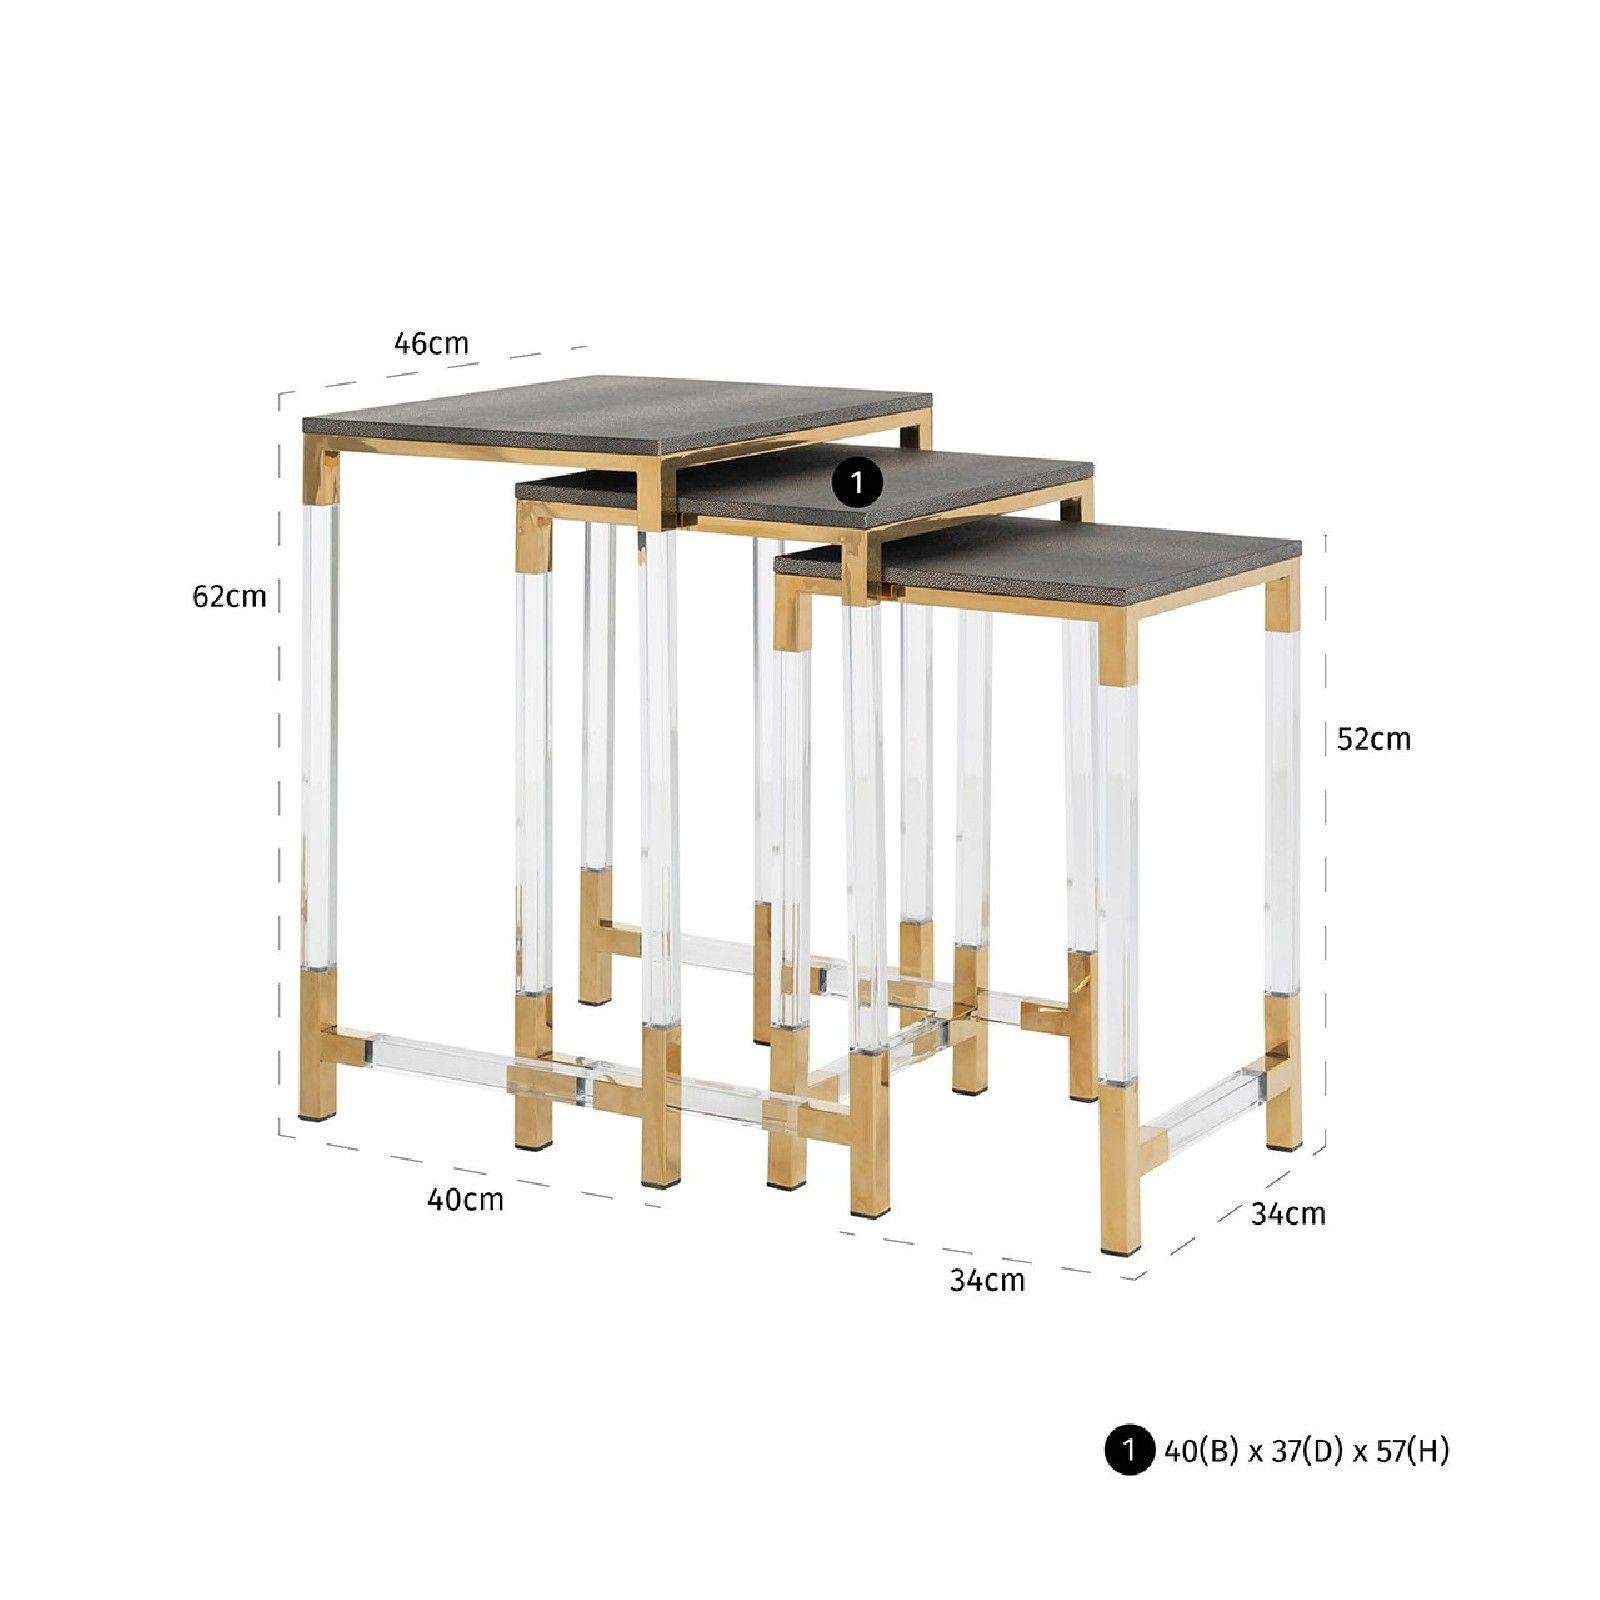 Table d'angle Calesta set de 3 shagreen look Meuble Déco Tendance - 555